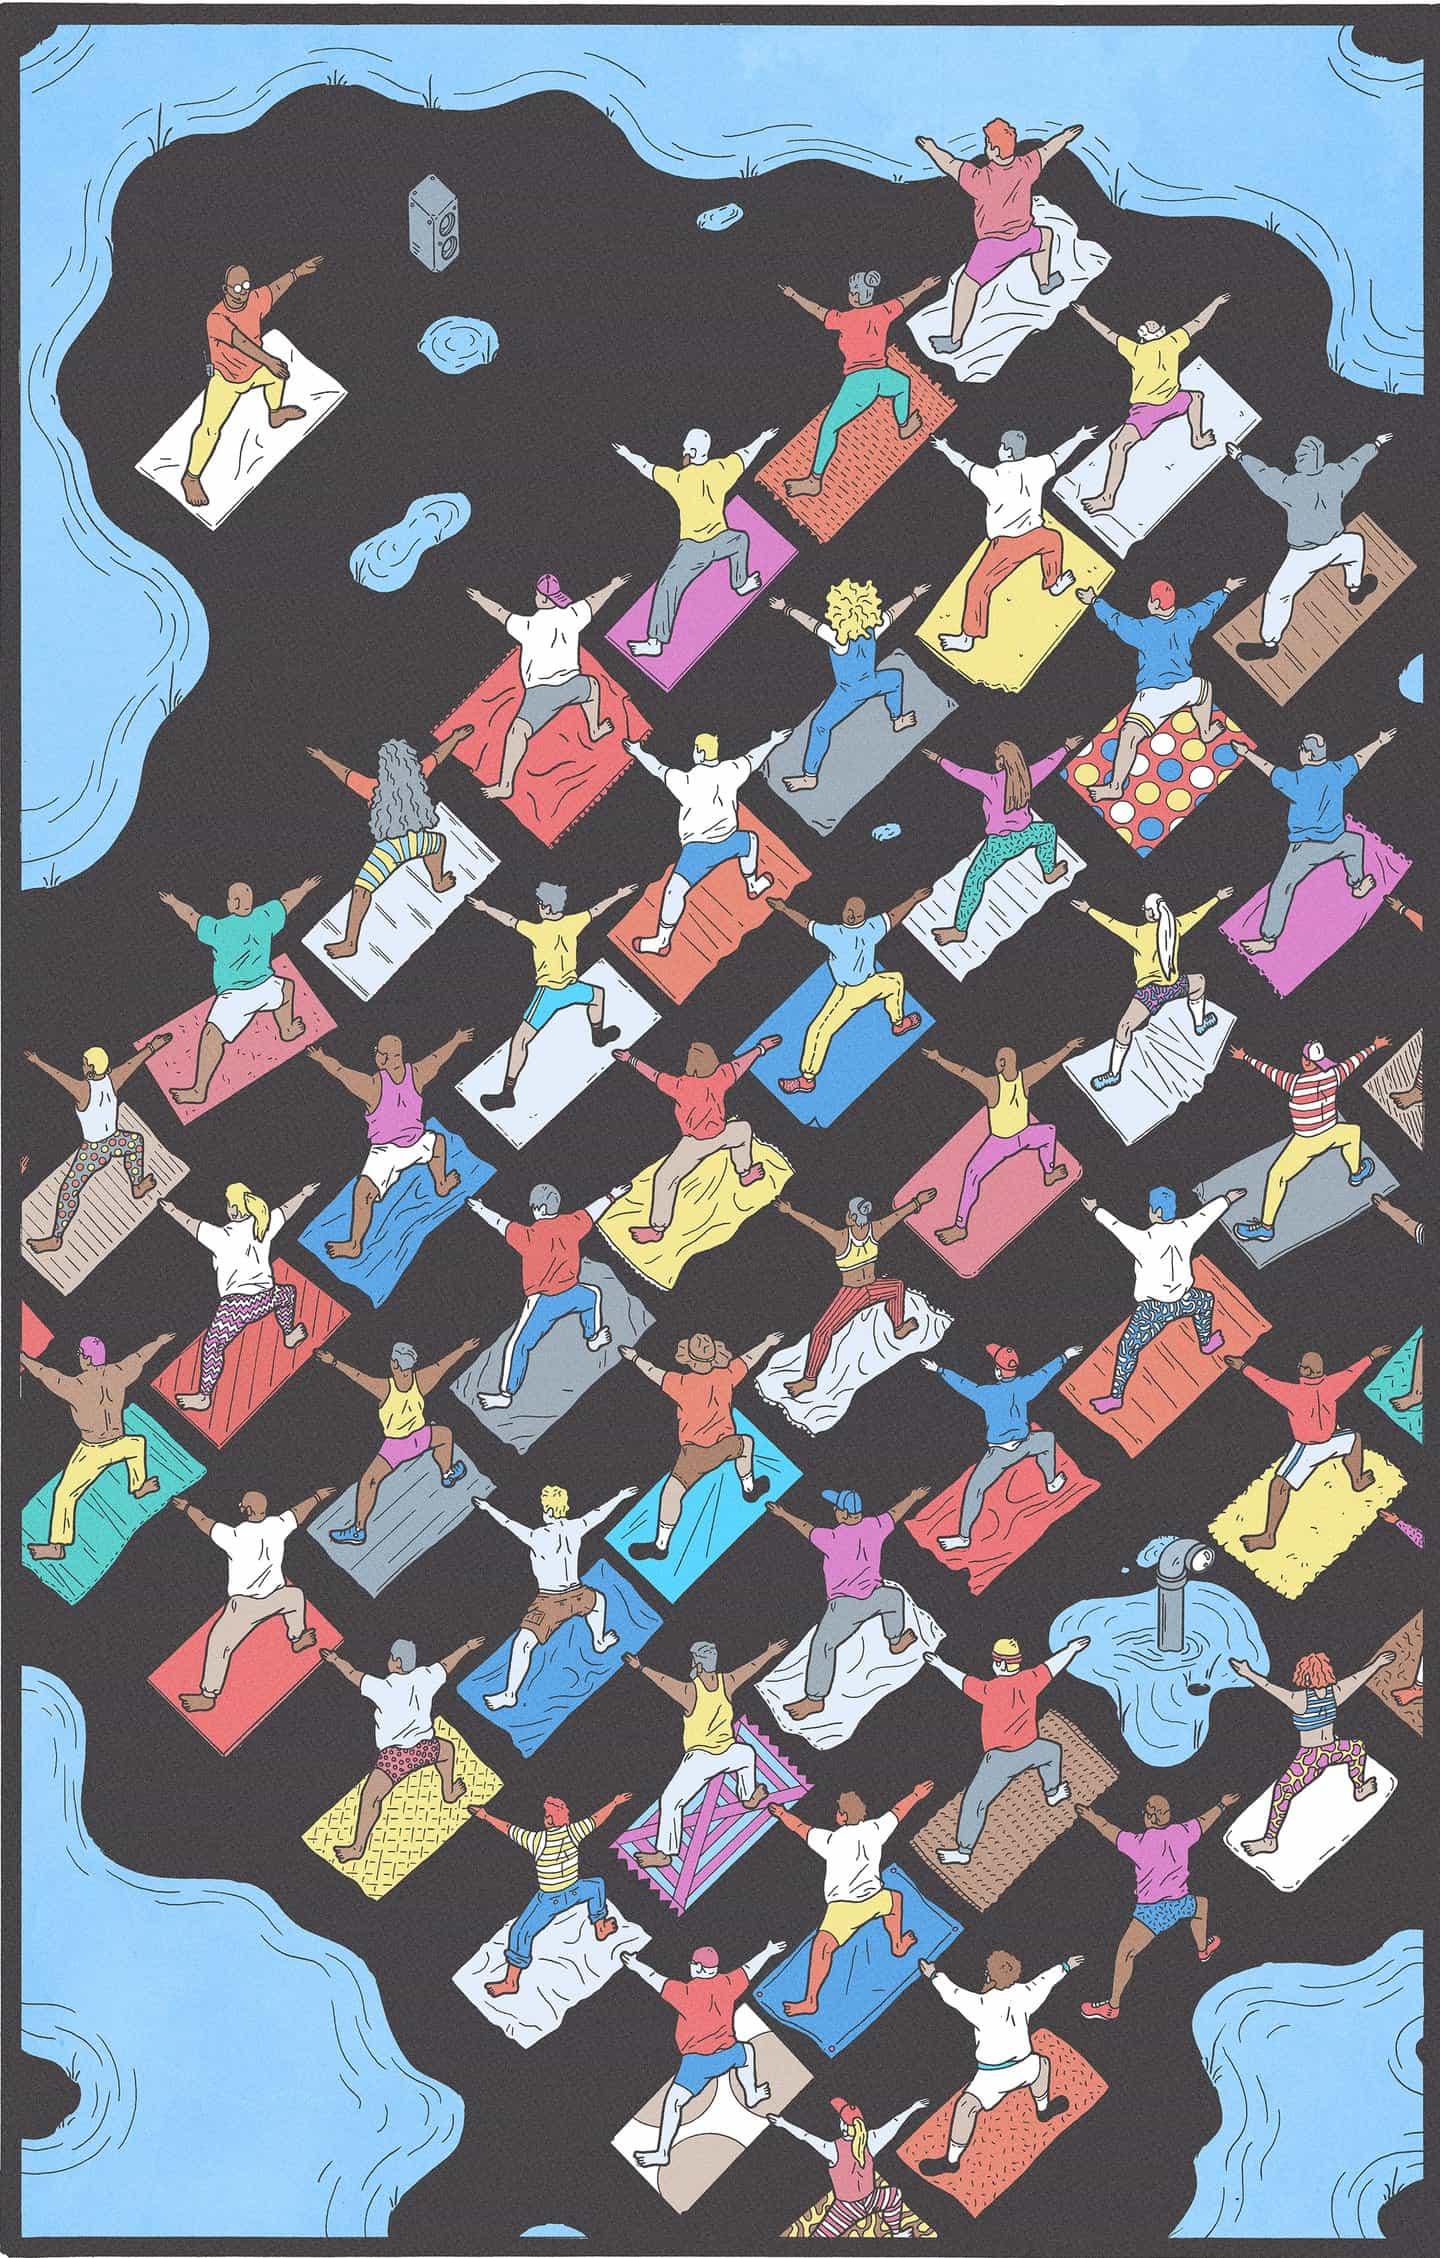 Kyle Ellingson: Los sueños de Ellingson: Yoga (Copyright © Kyle Ellingson, 2021)